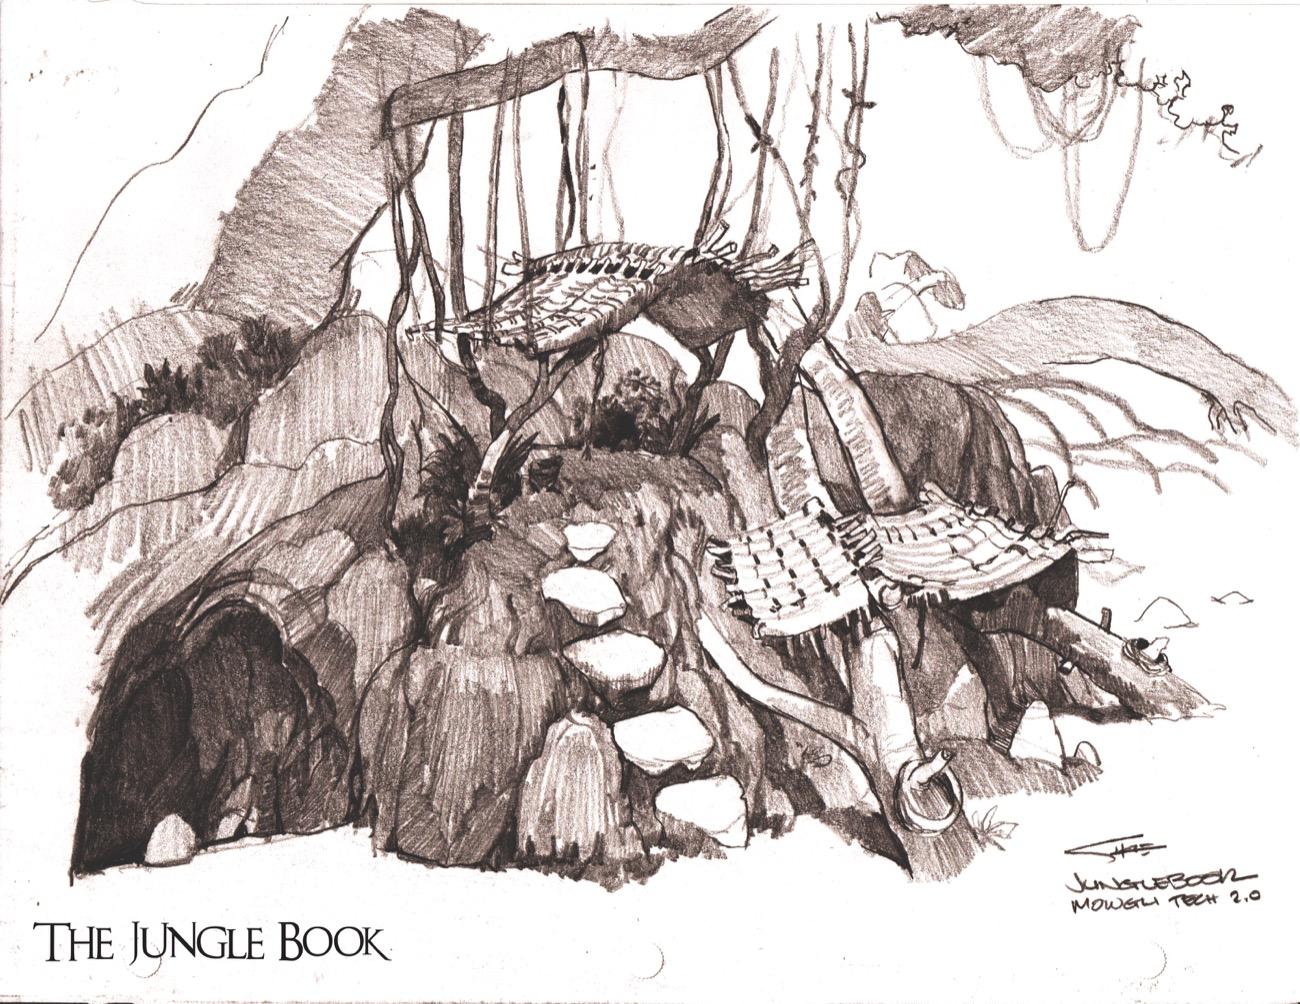 junglebook_mowglitech_05.jpg